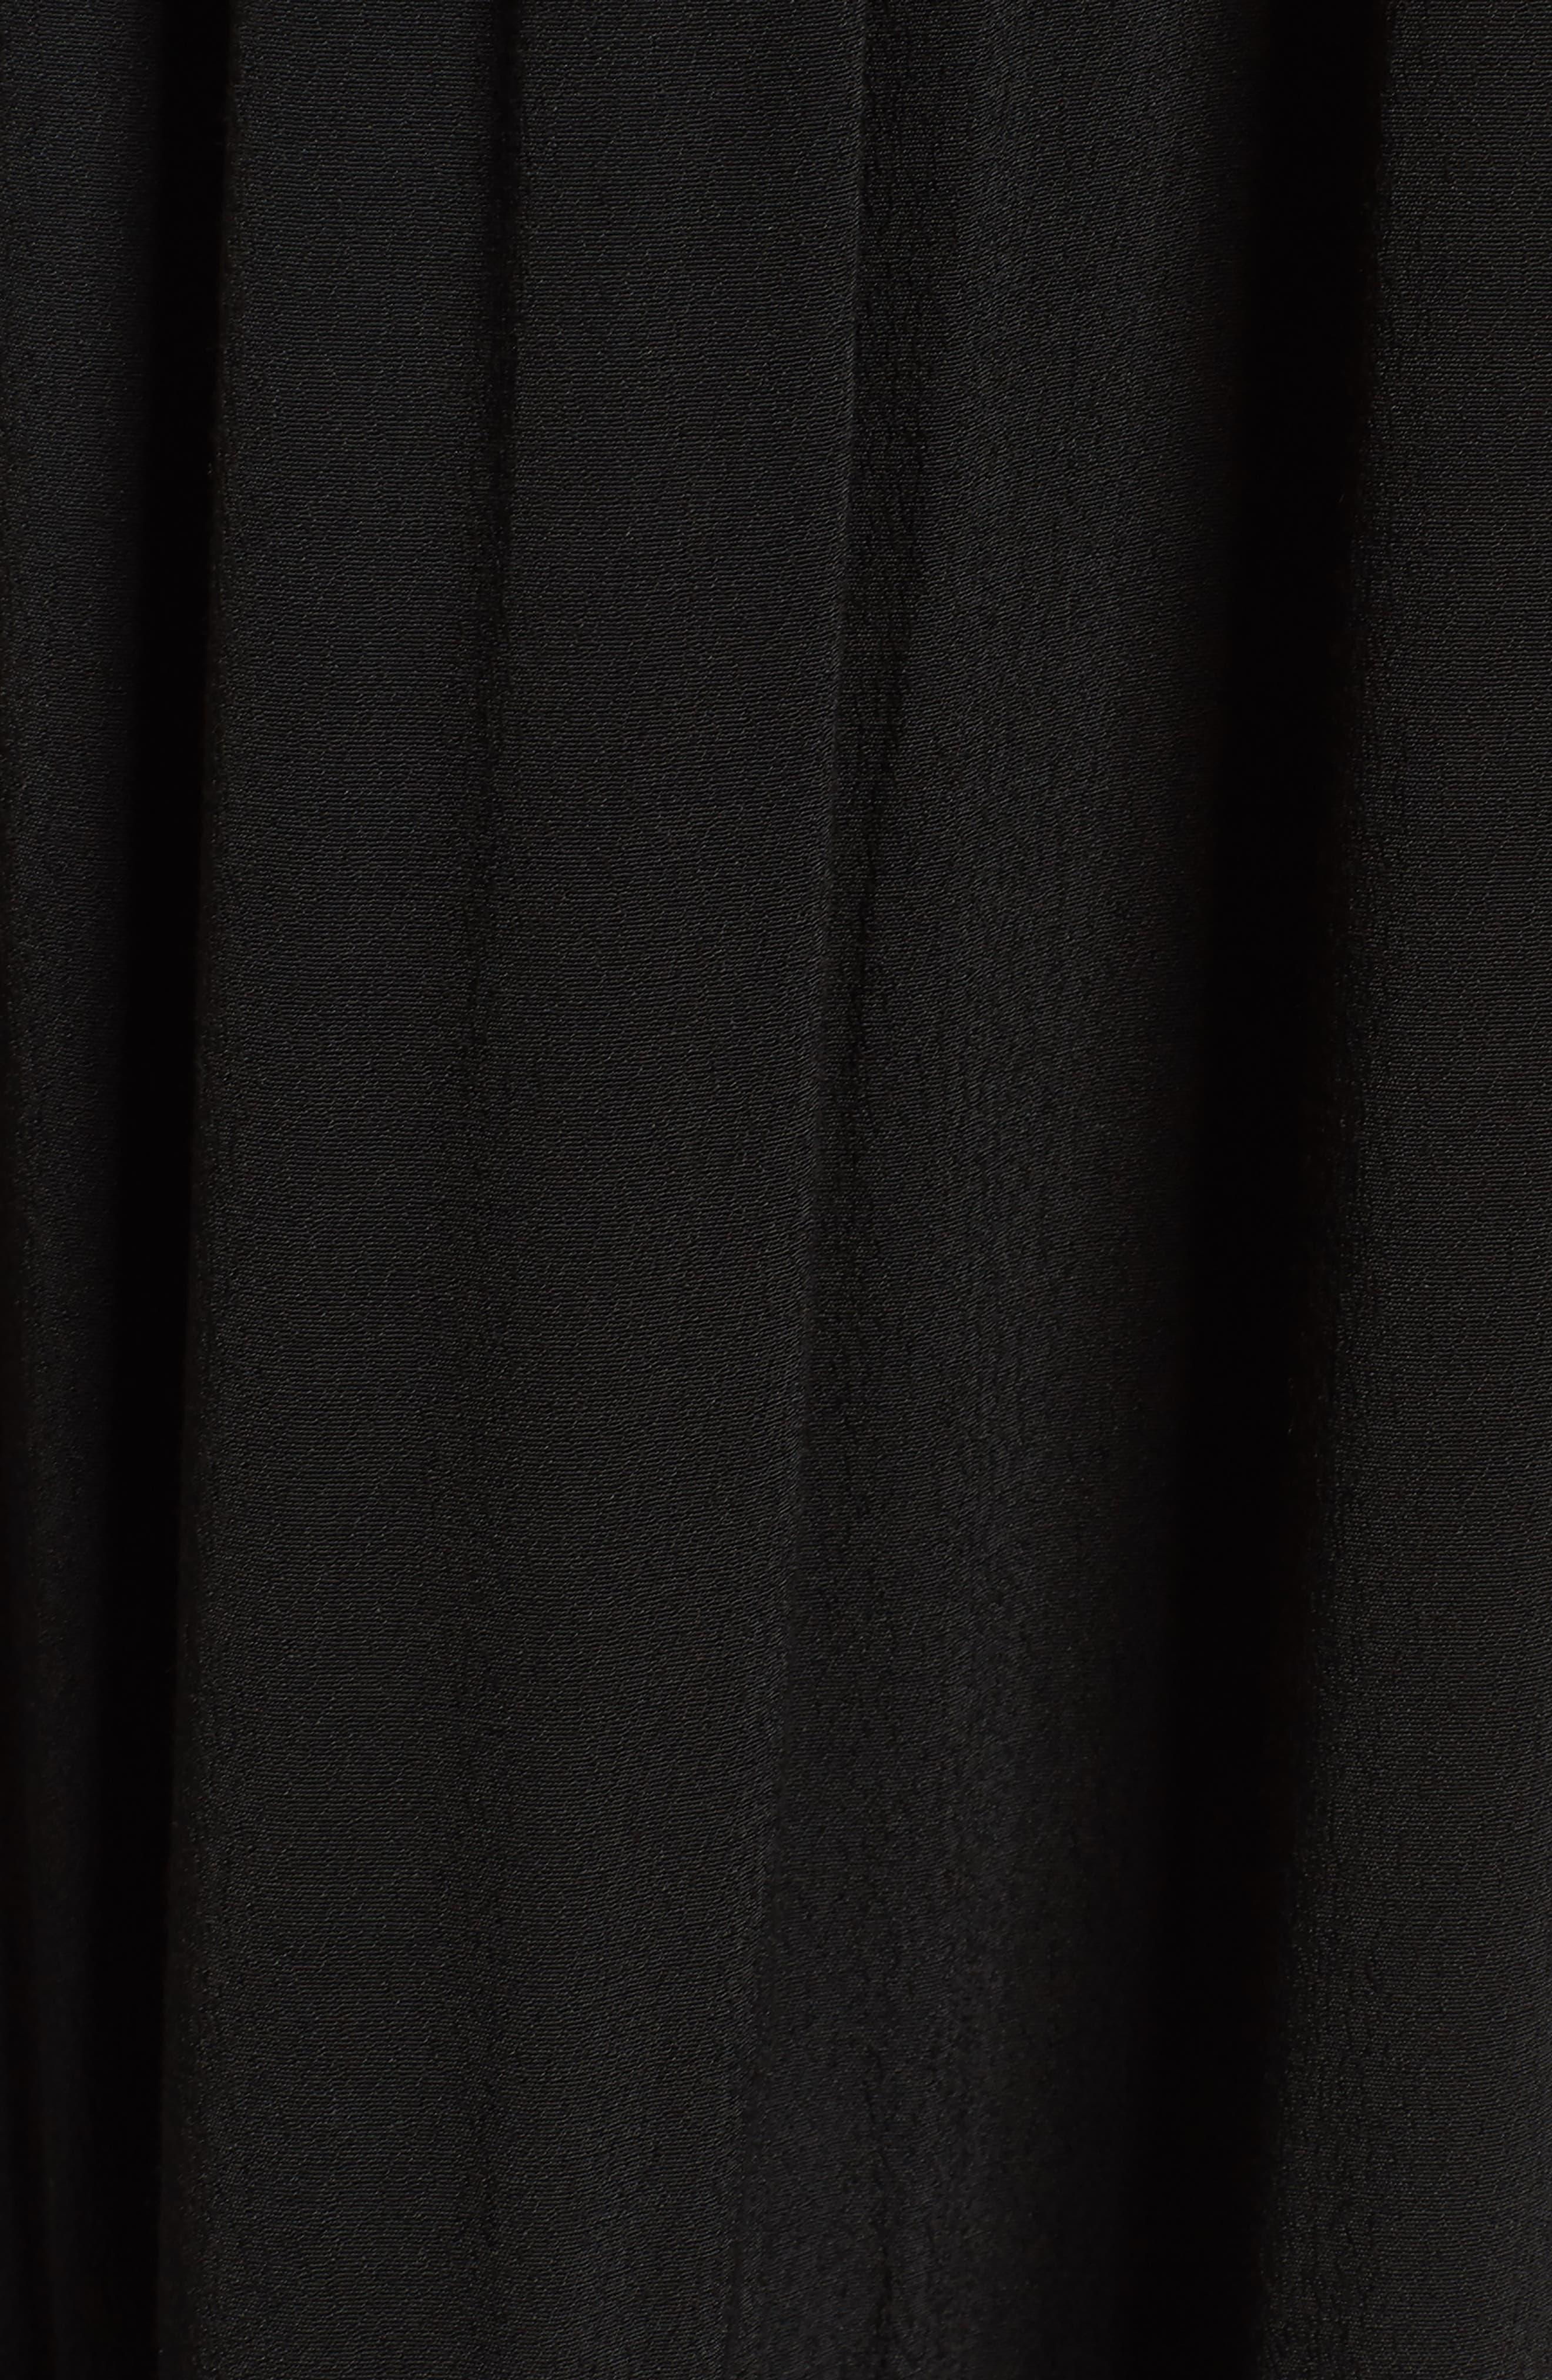 Luna Midi Dress,                             Alternate thumbnail 5, color,                             Black